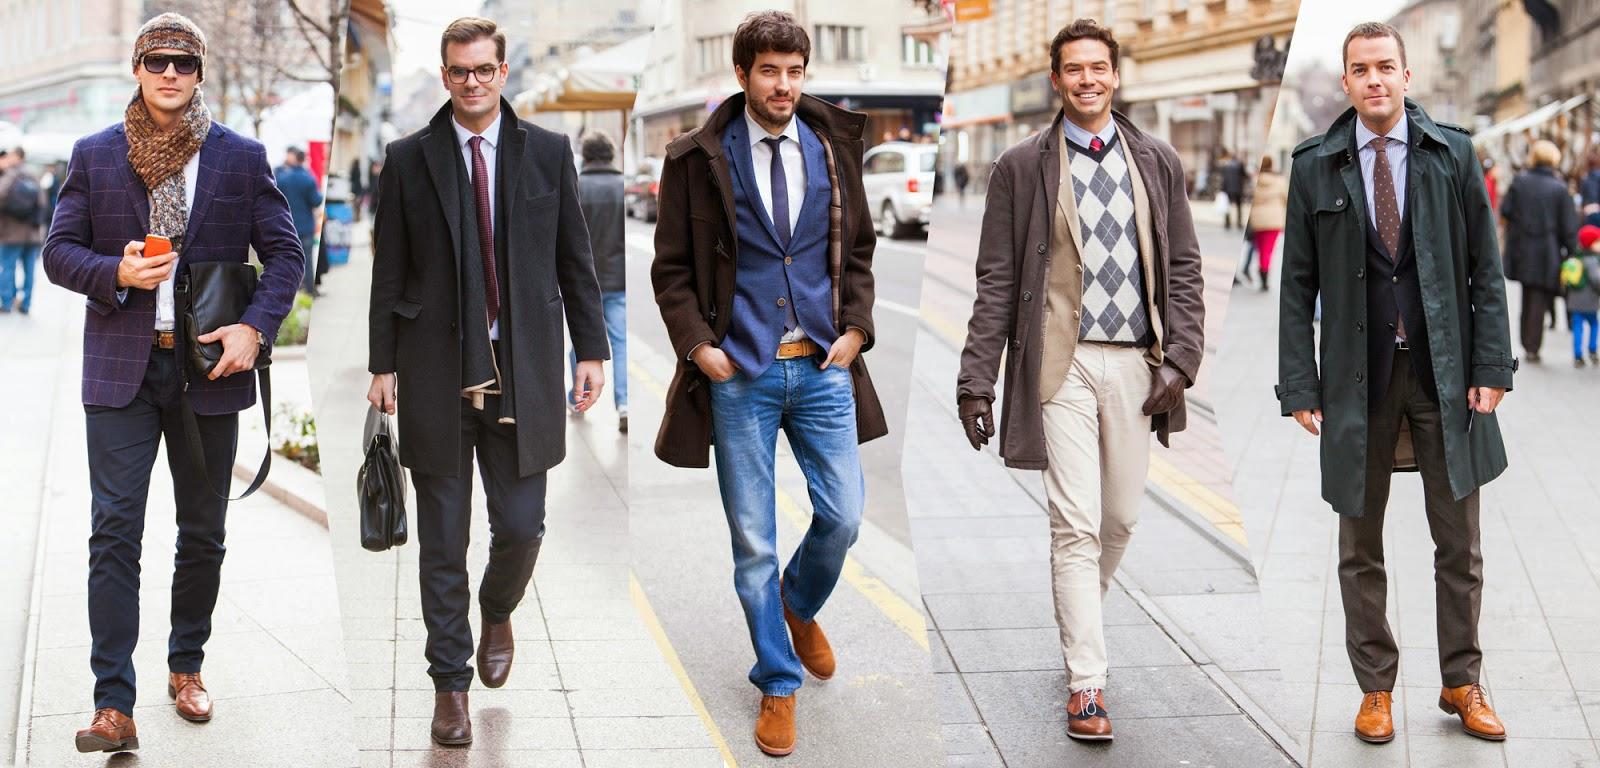 Удобные и стильные мужские современные образы